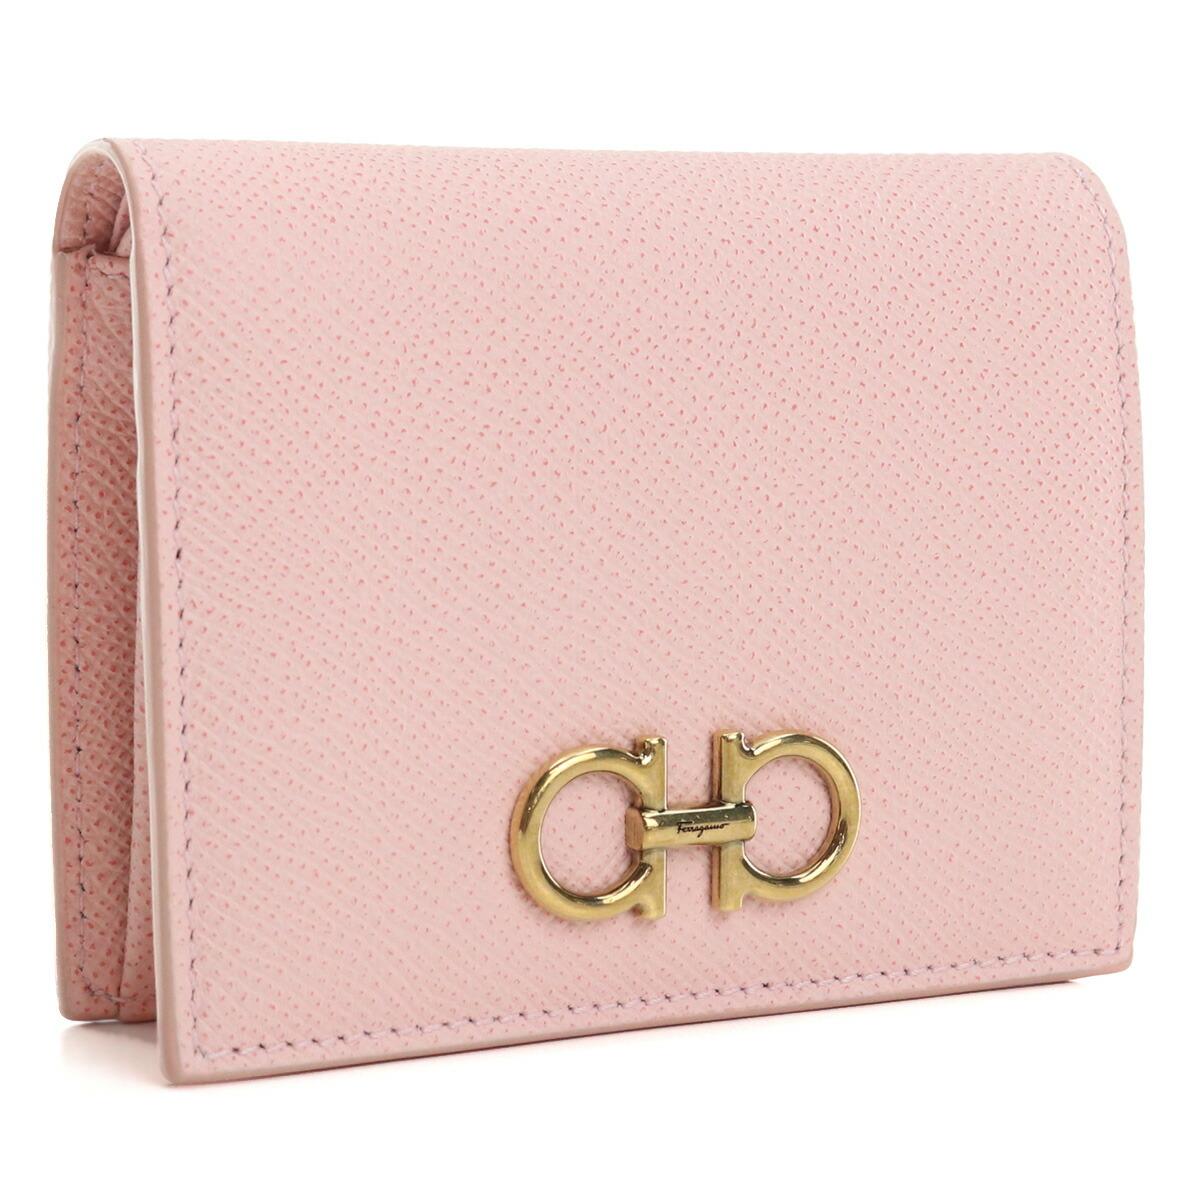 フェラガモ FERRAGAMO  2つ折り財布 ミニ財布 コンパクト財布 ブランド財布 22-D780 0746642 NYLUND PINK ピンク系 bos-31